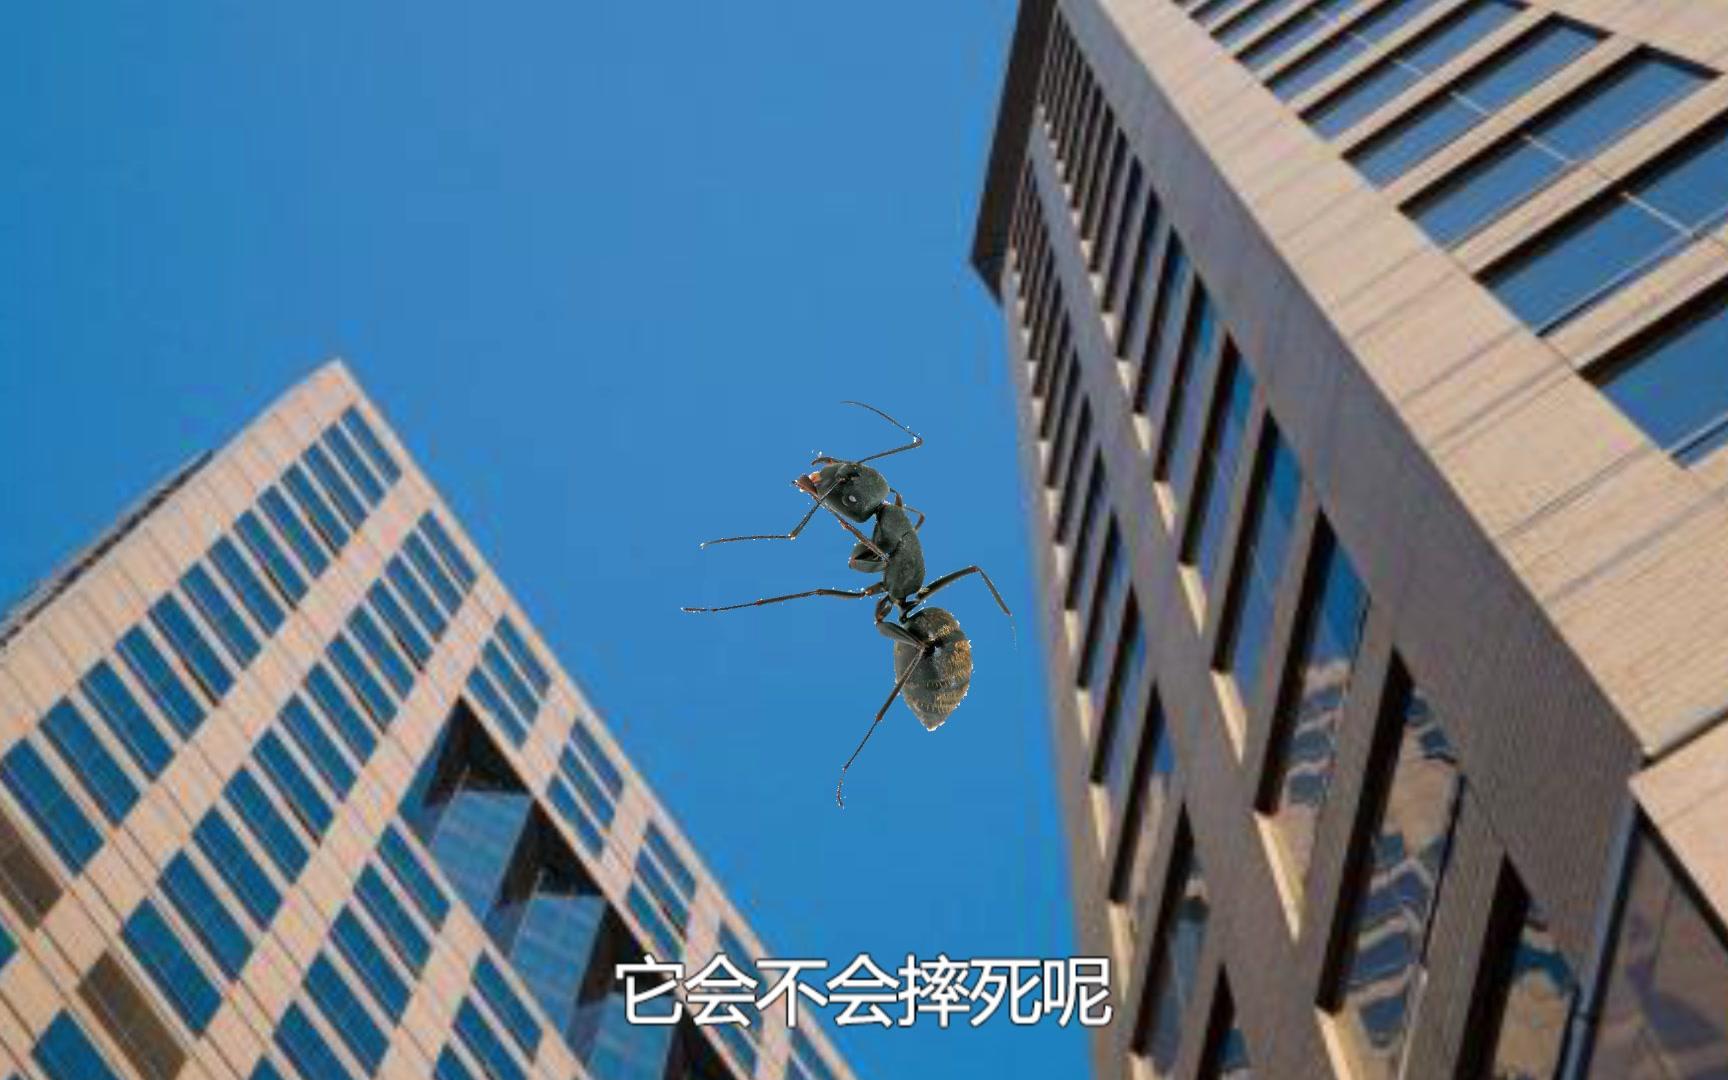 蚂蚁从60米高空坠落 到底是会先饿死还是先摔死?